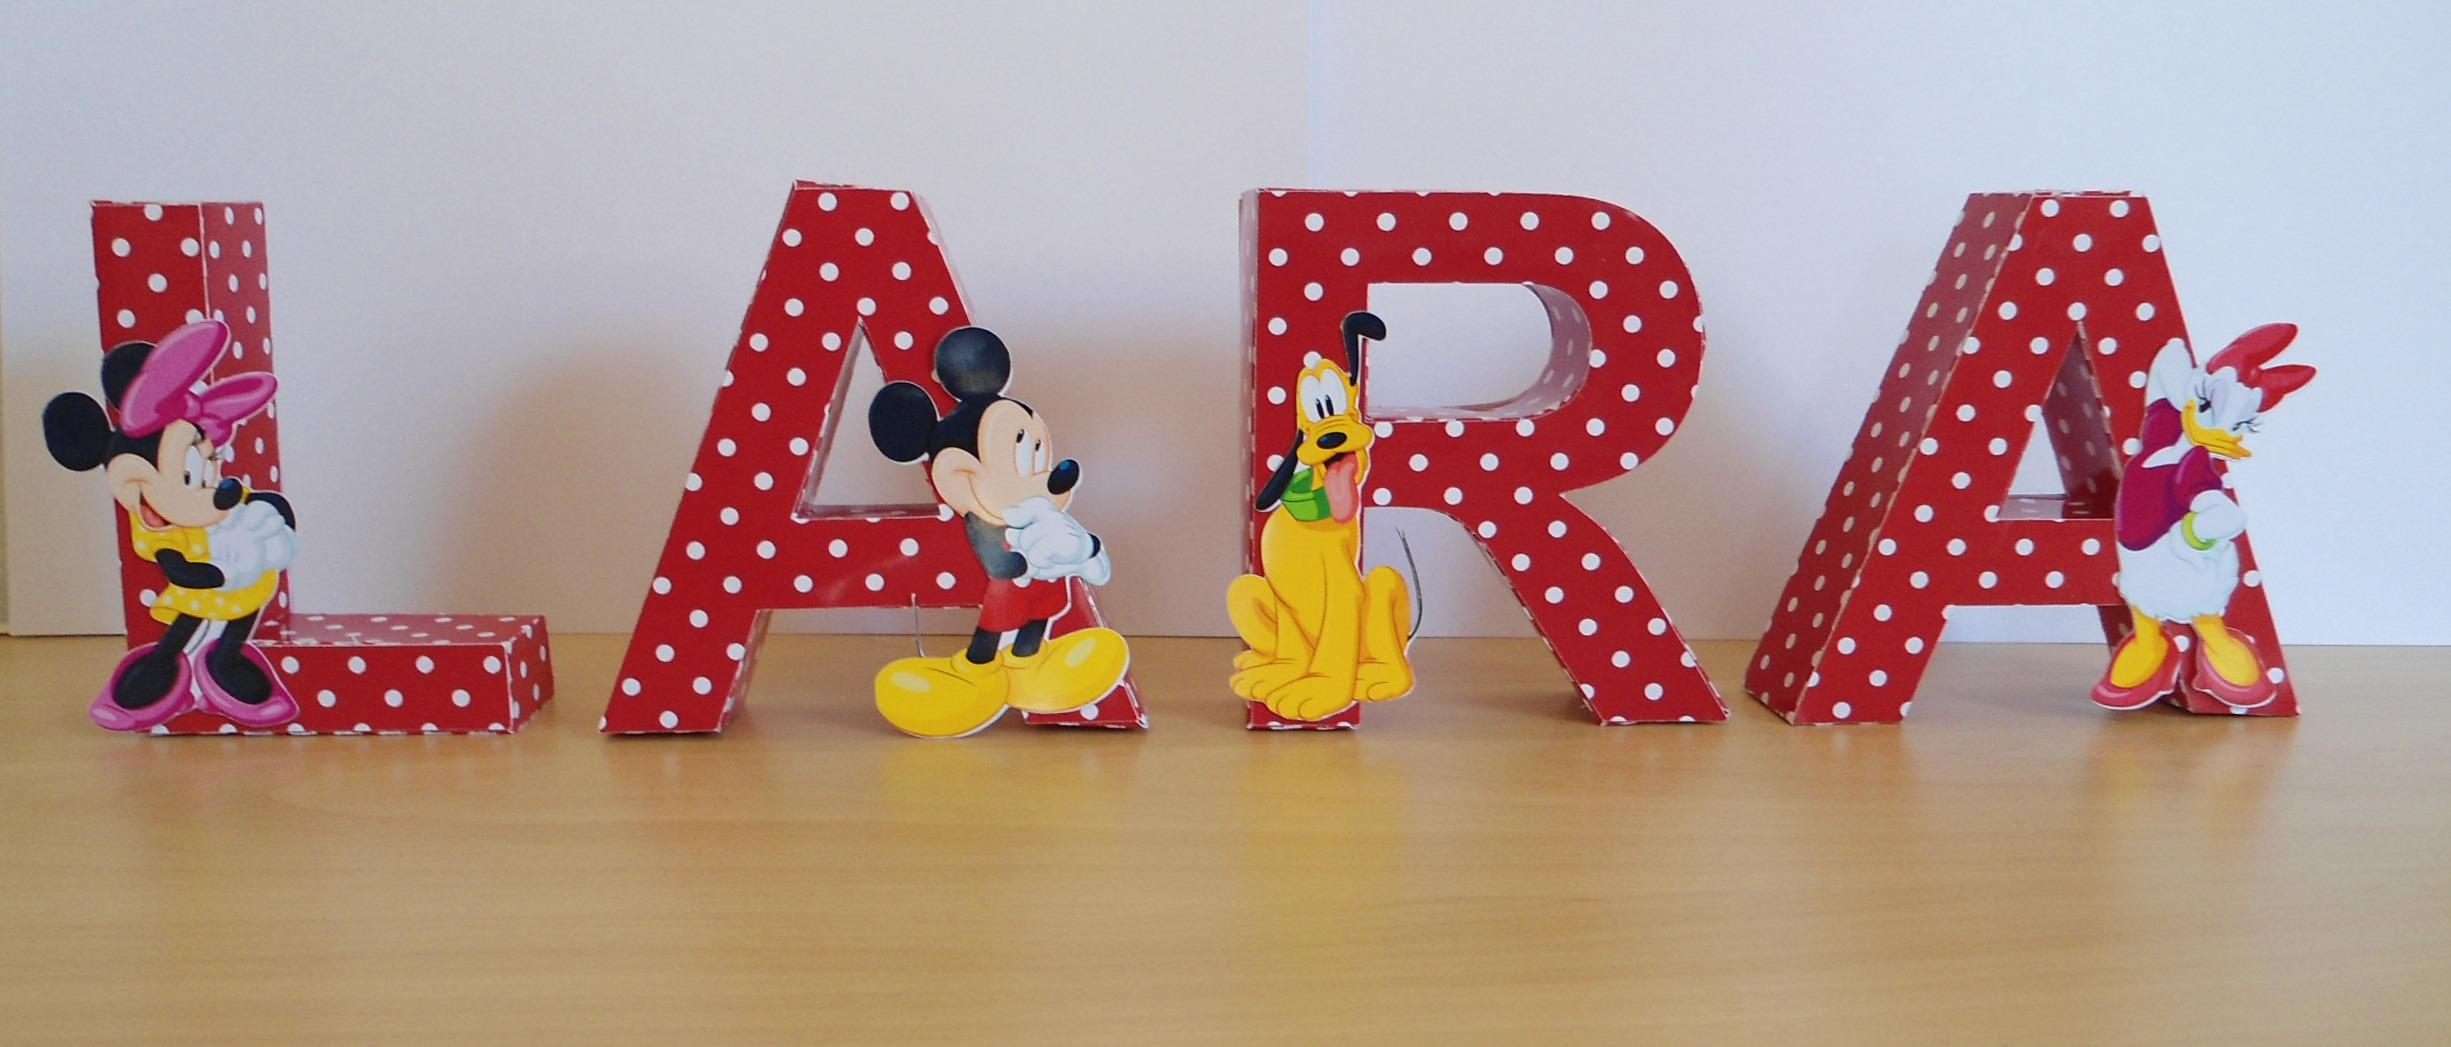 Letras decorativas - Como hacer letras decorativas ...